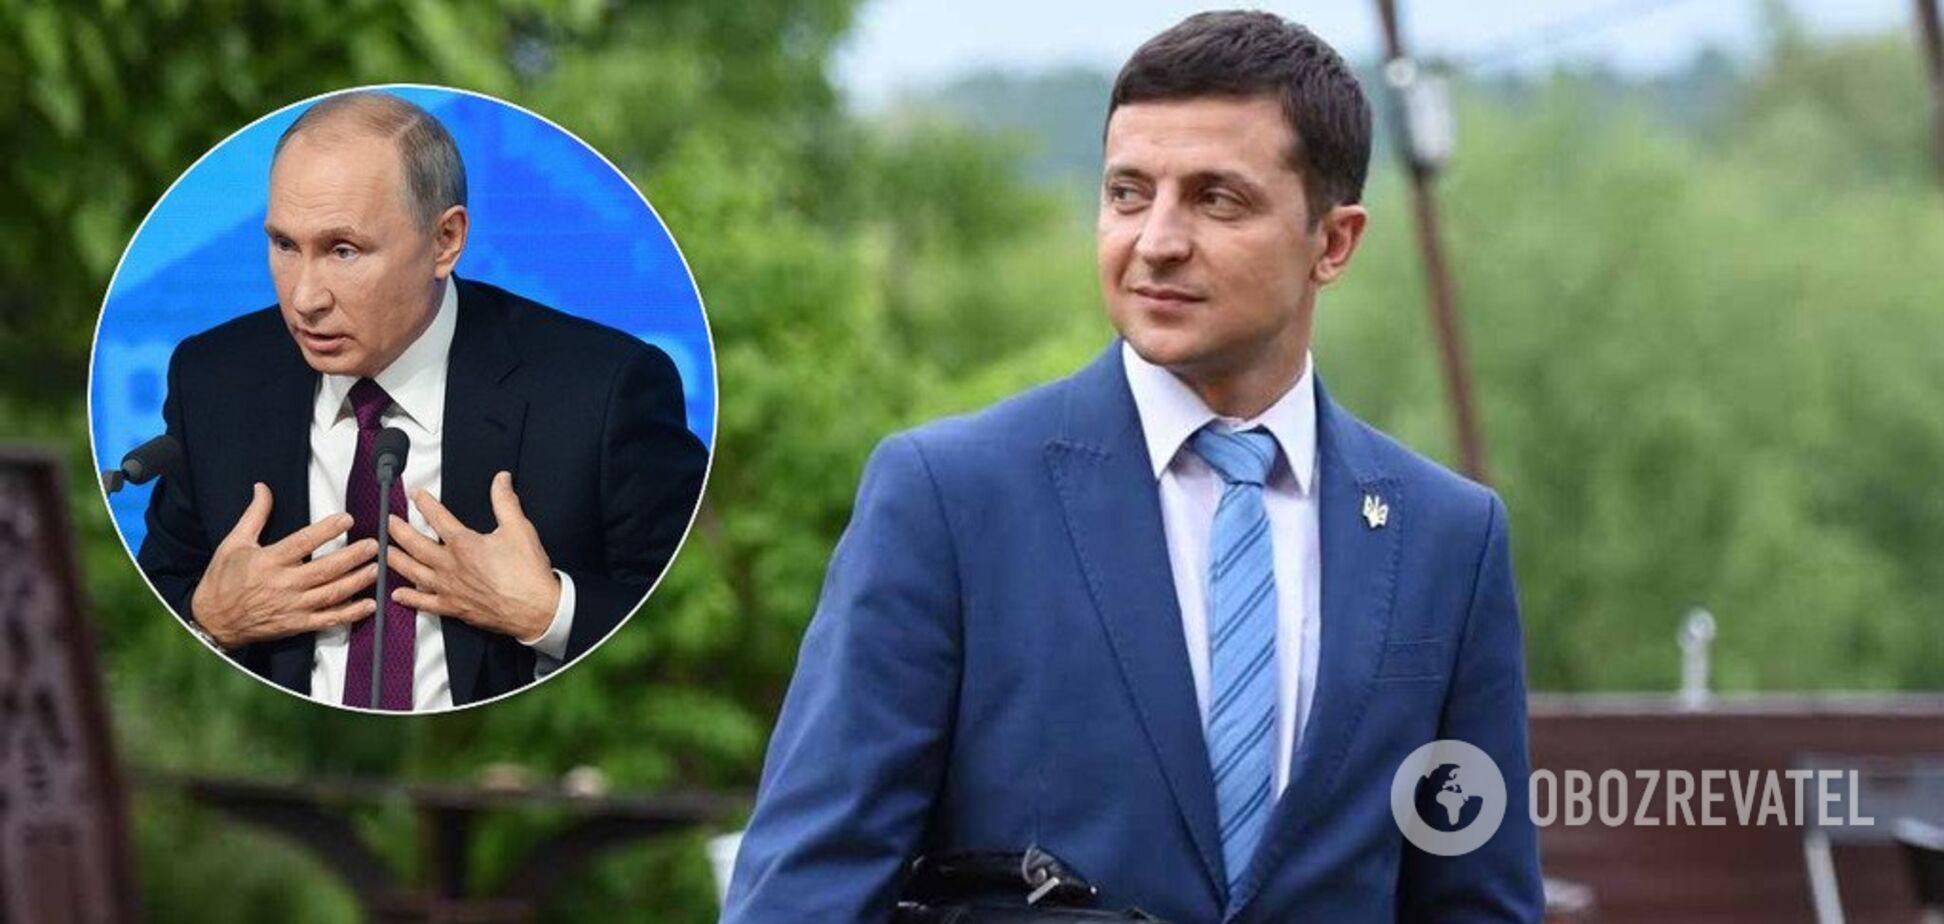 Вже не бояться? На росТБ пропустили крамолу про Путіна із серіалу 'Слуга народу'